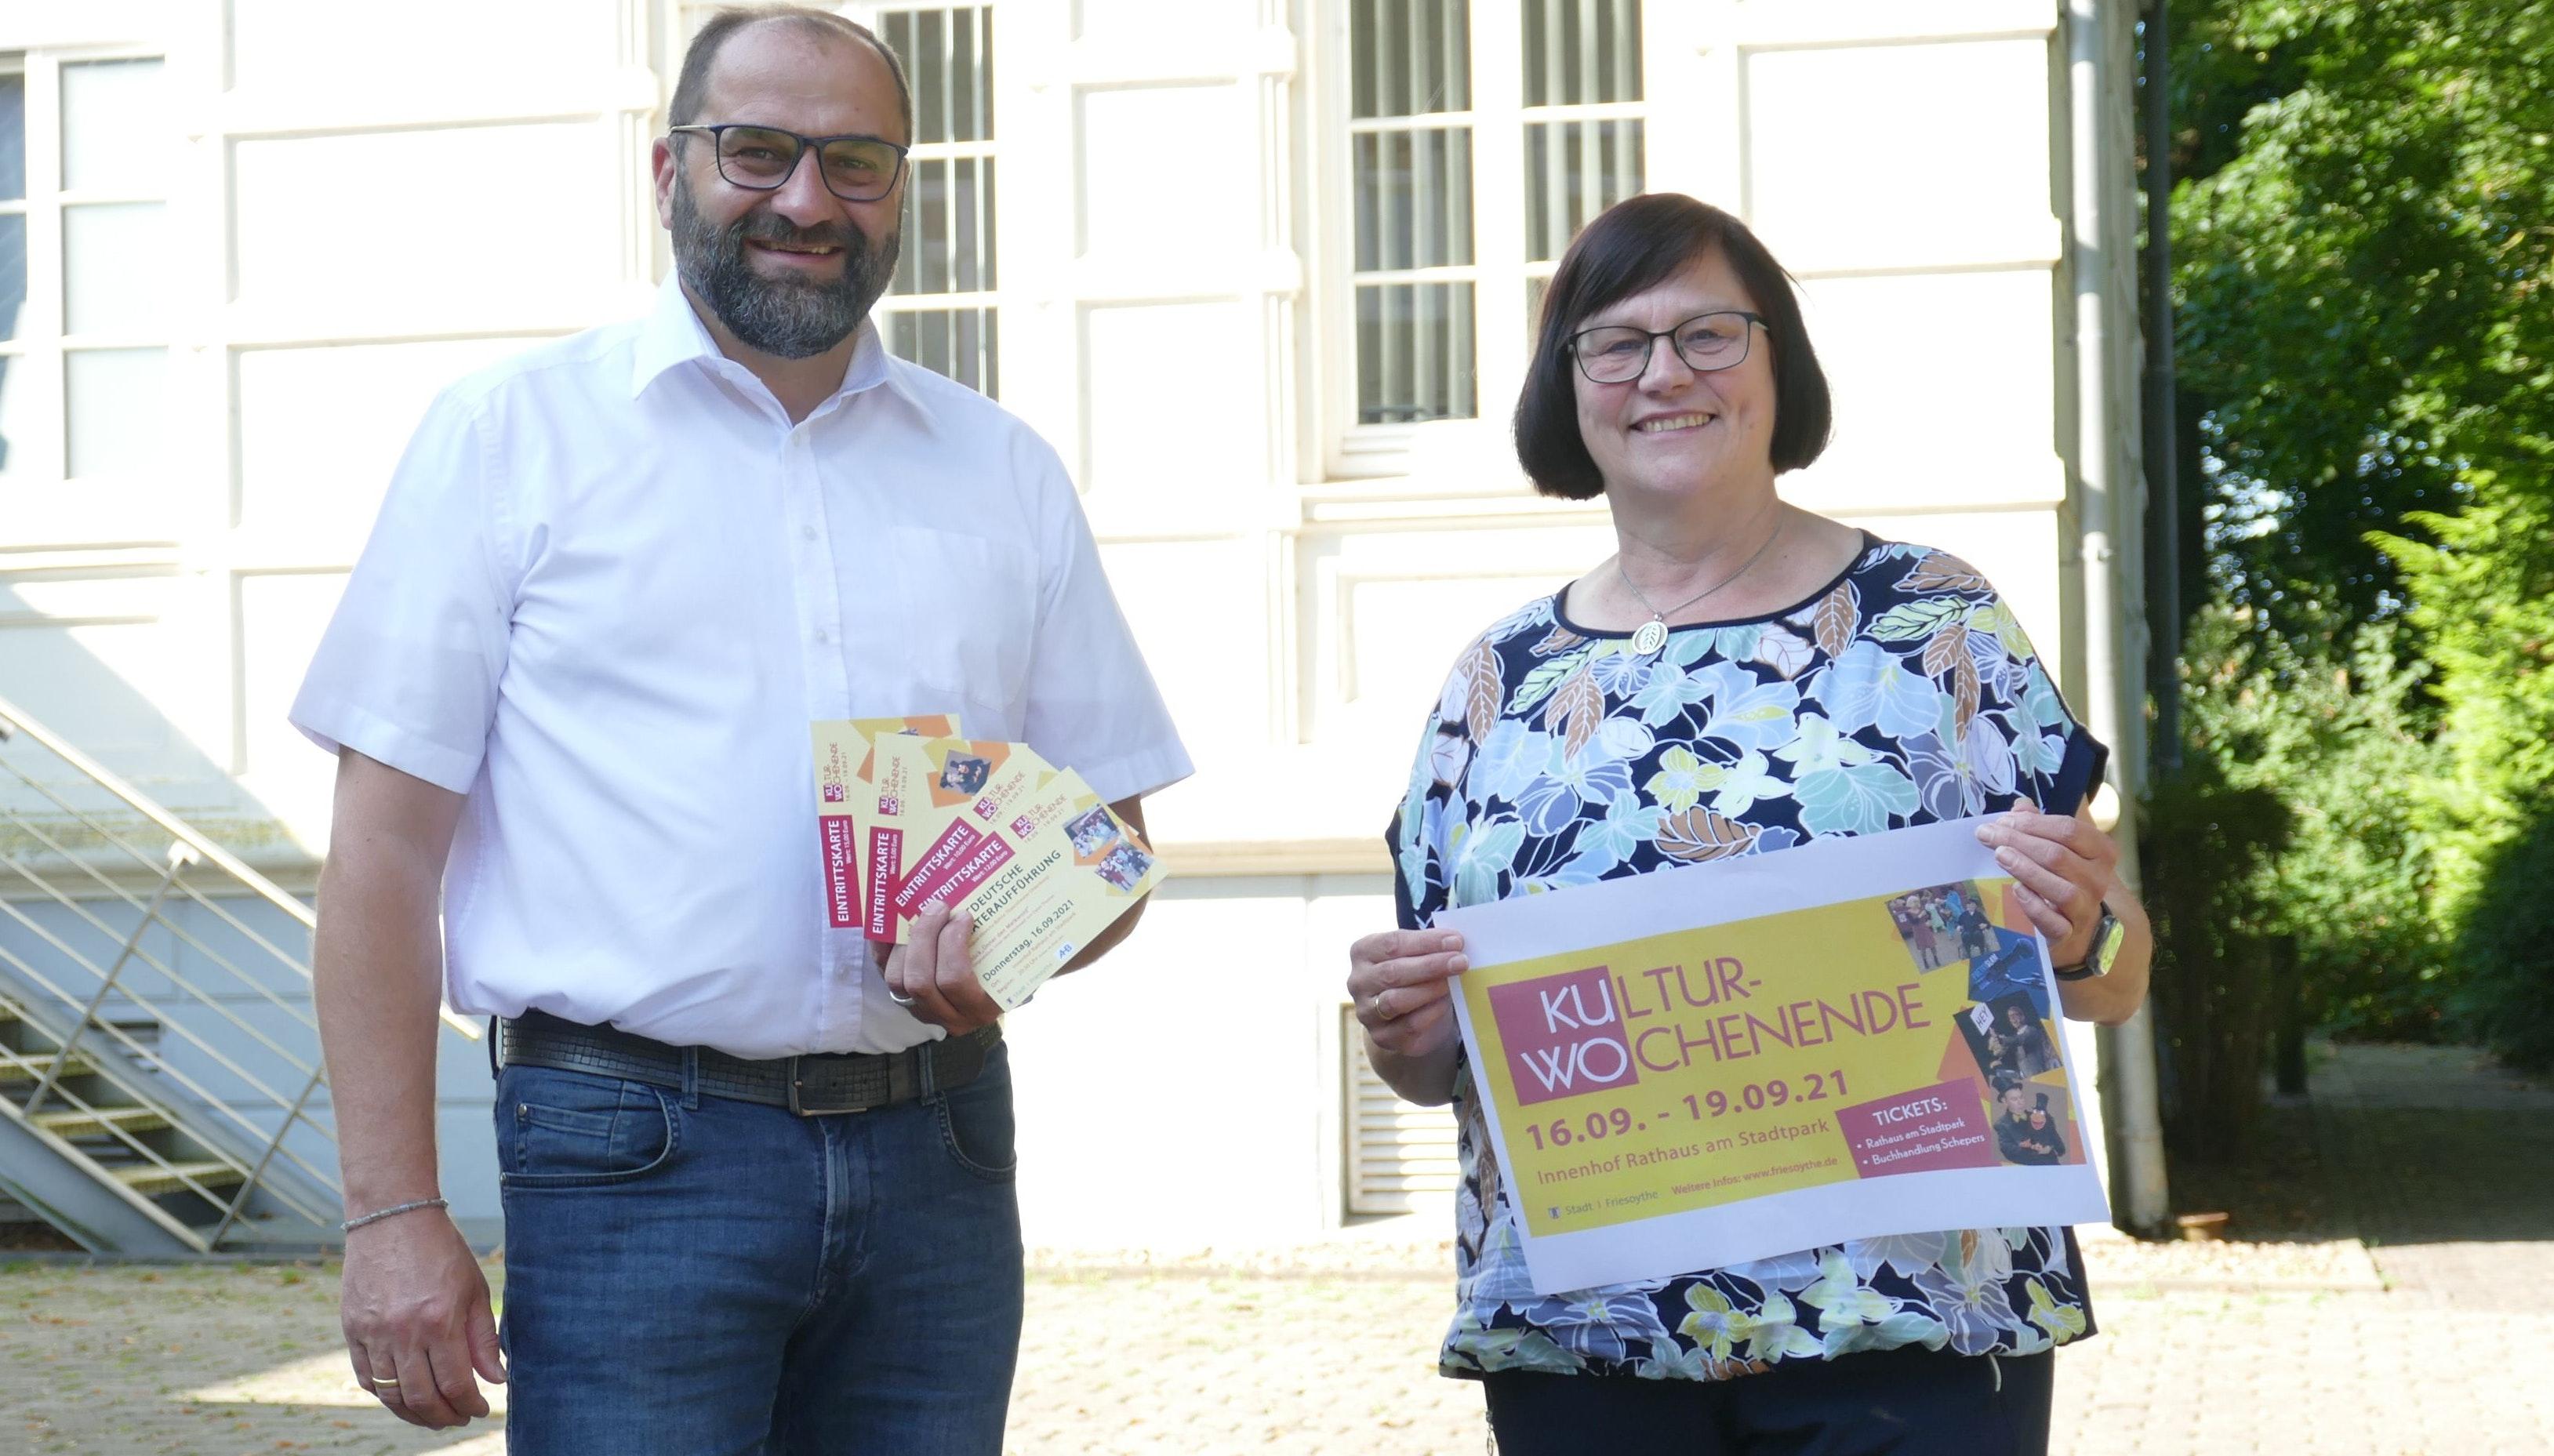 Das Friesoyther Kulturwochenende wird im Innenhof des Rathauses stattfinden. Petra Oltmann und Bürgermeister Sven Stratmann stellen am Ort des Geschehens das Programm vor. Foto: Stix